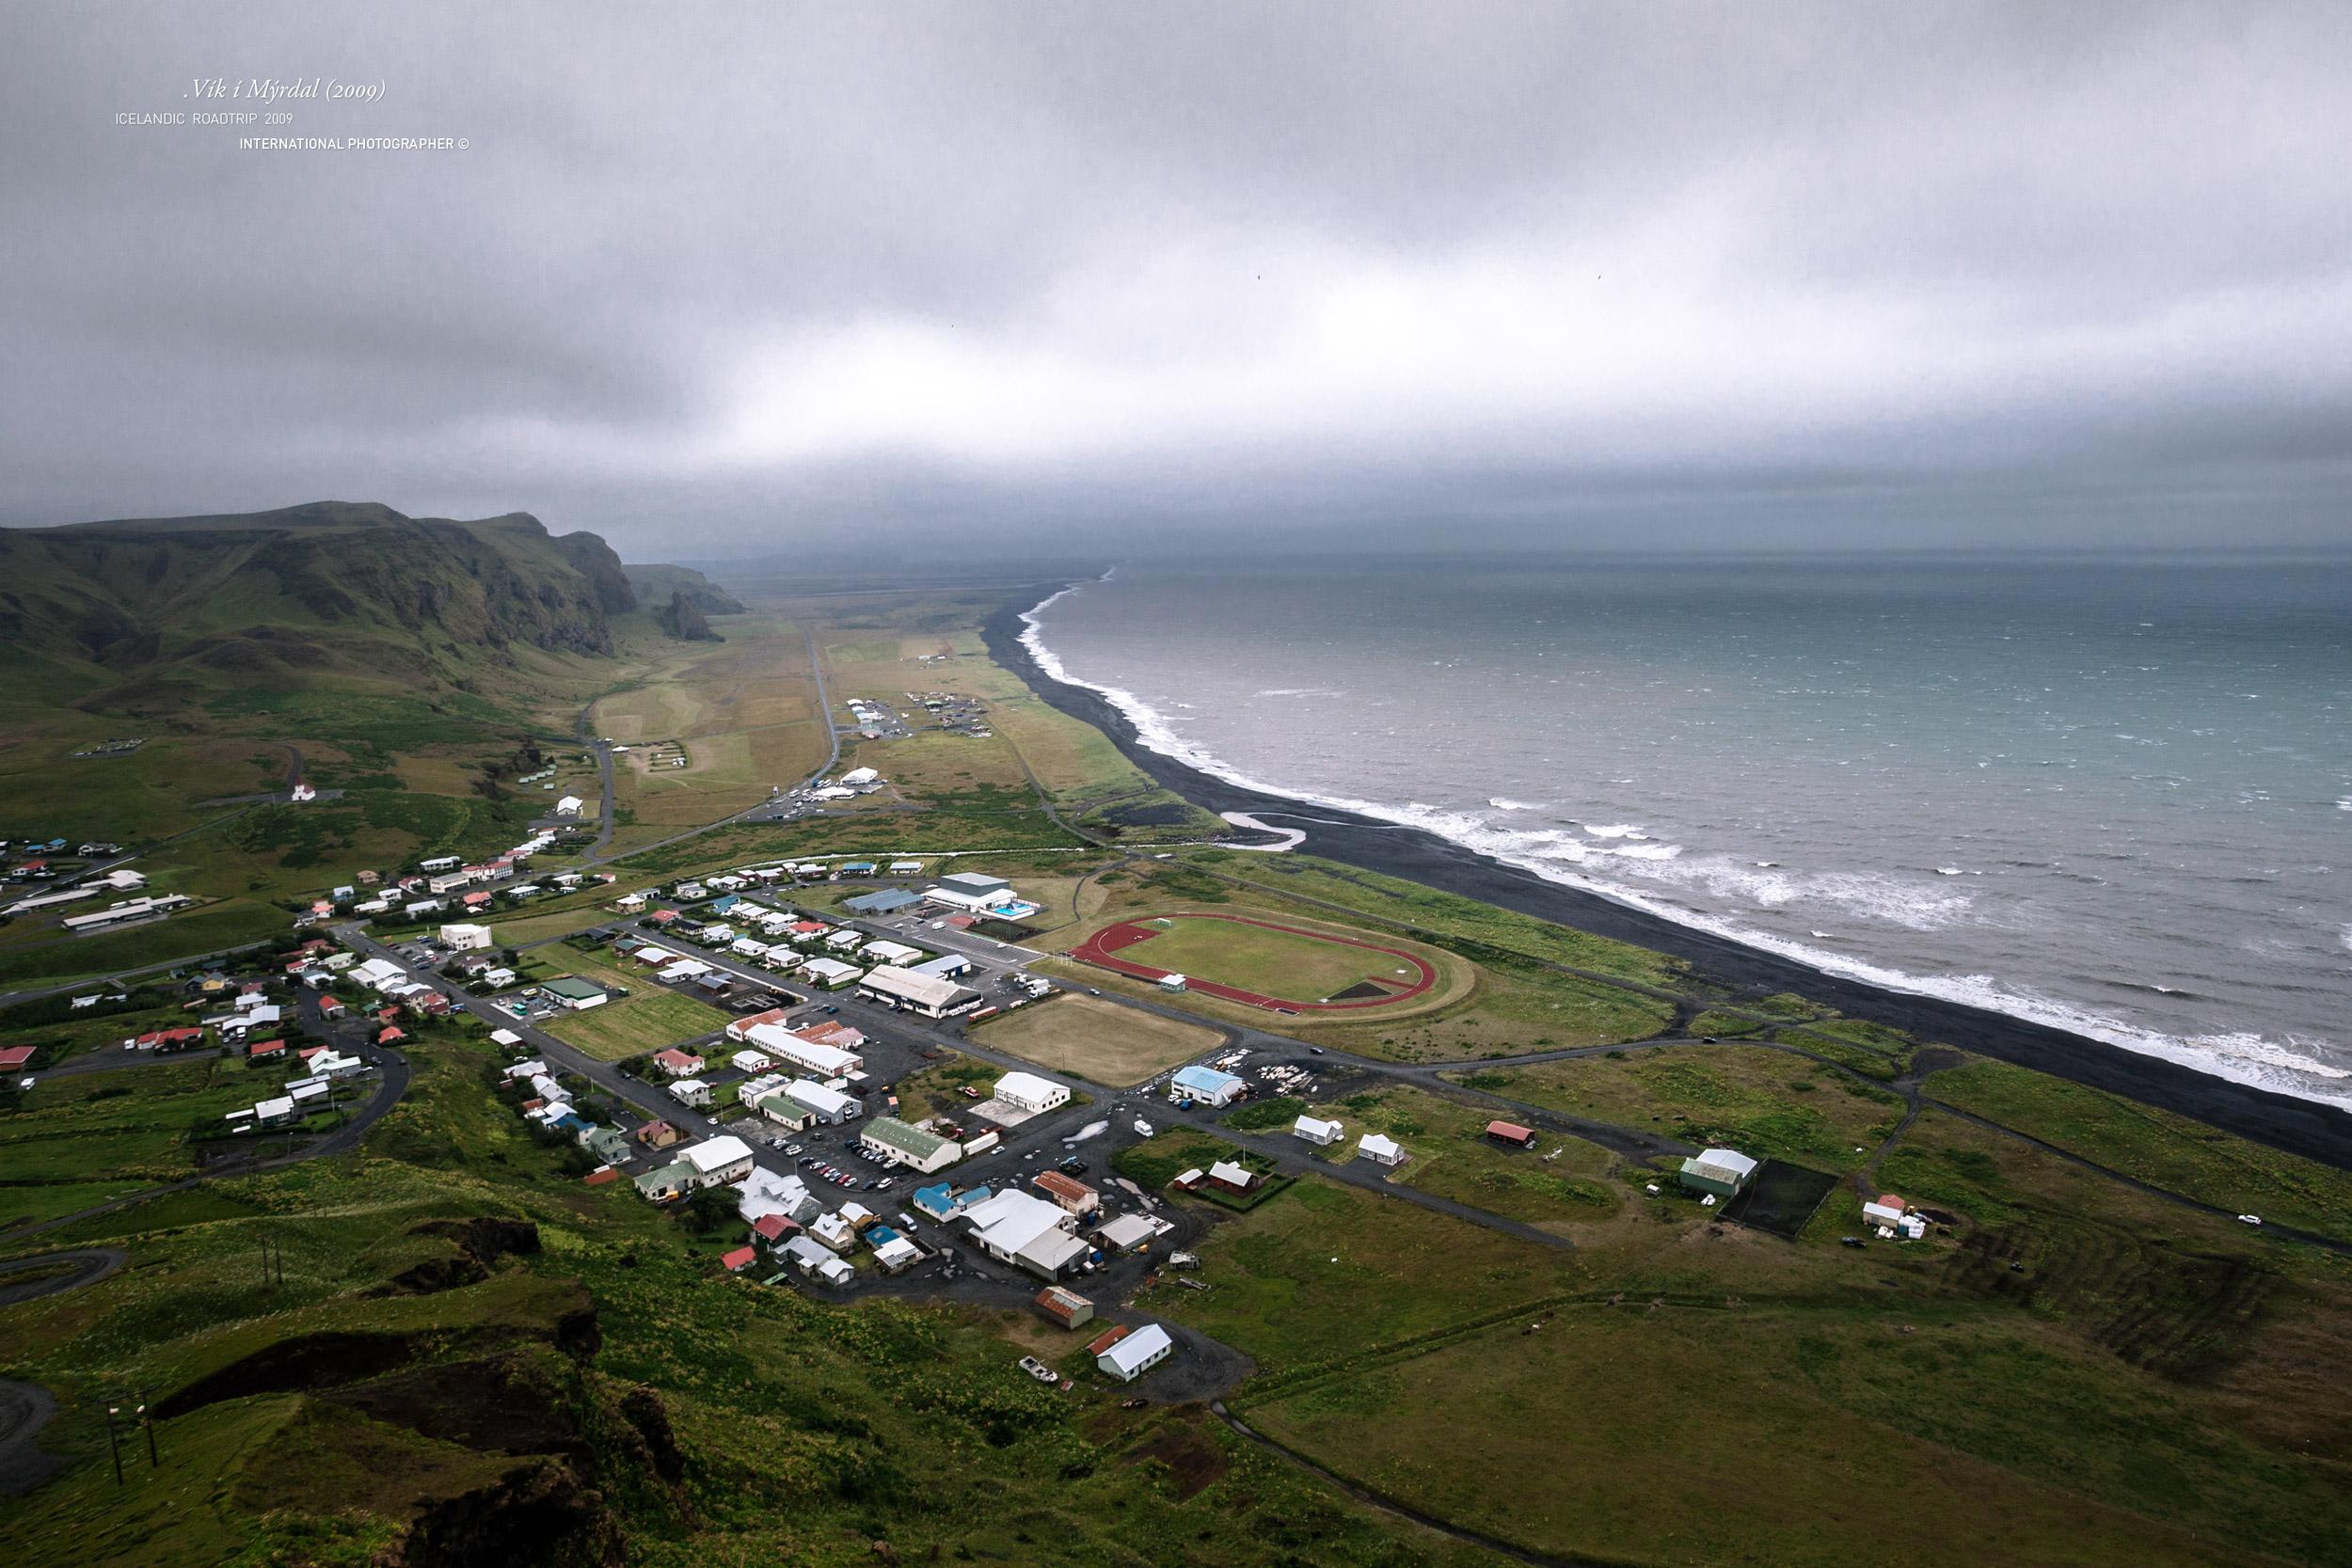 Le village de Vik et son stade vu depuis la colline